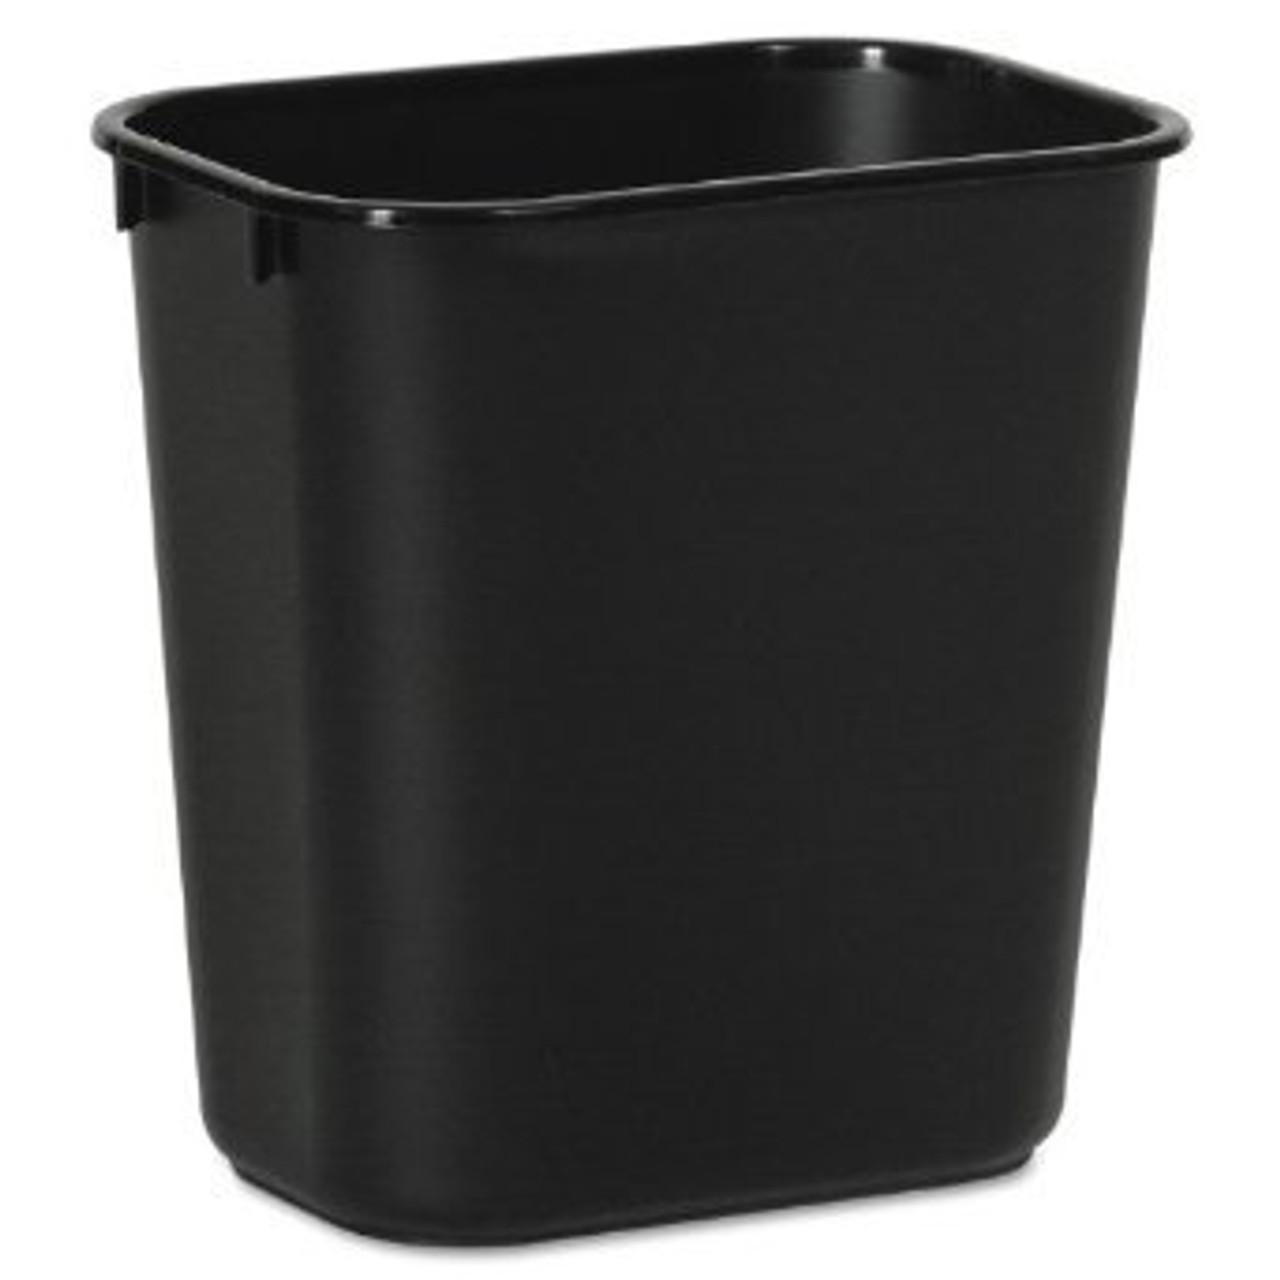 28 Quart Home or Office Plastic Wastebasket Black